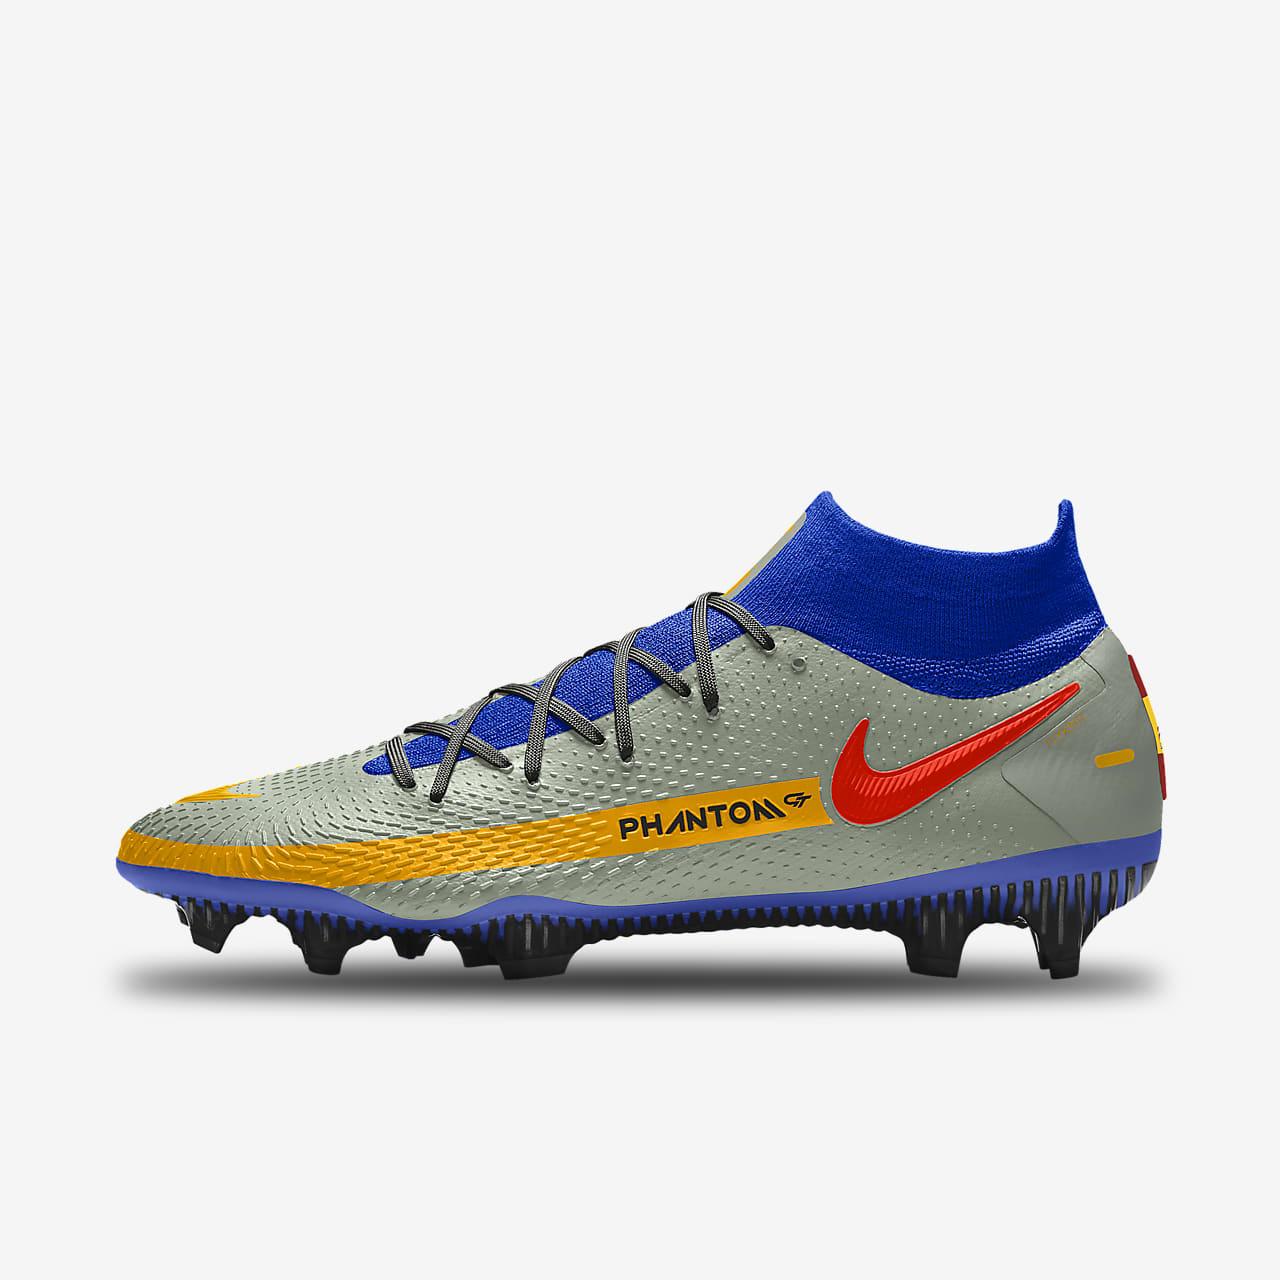 Chaussure de football à crampons pour terrain sec personnalisable Nike Phantom GT Elite By You